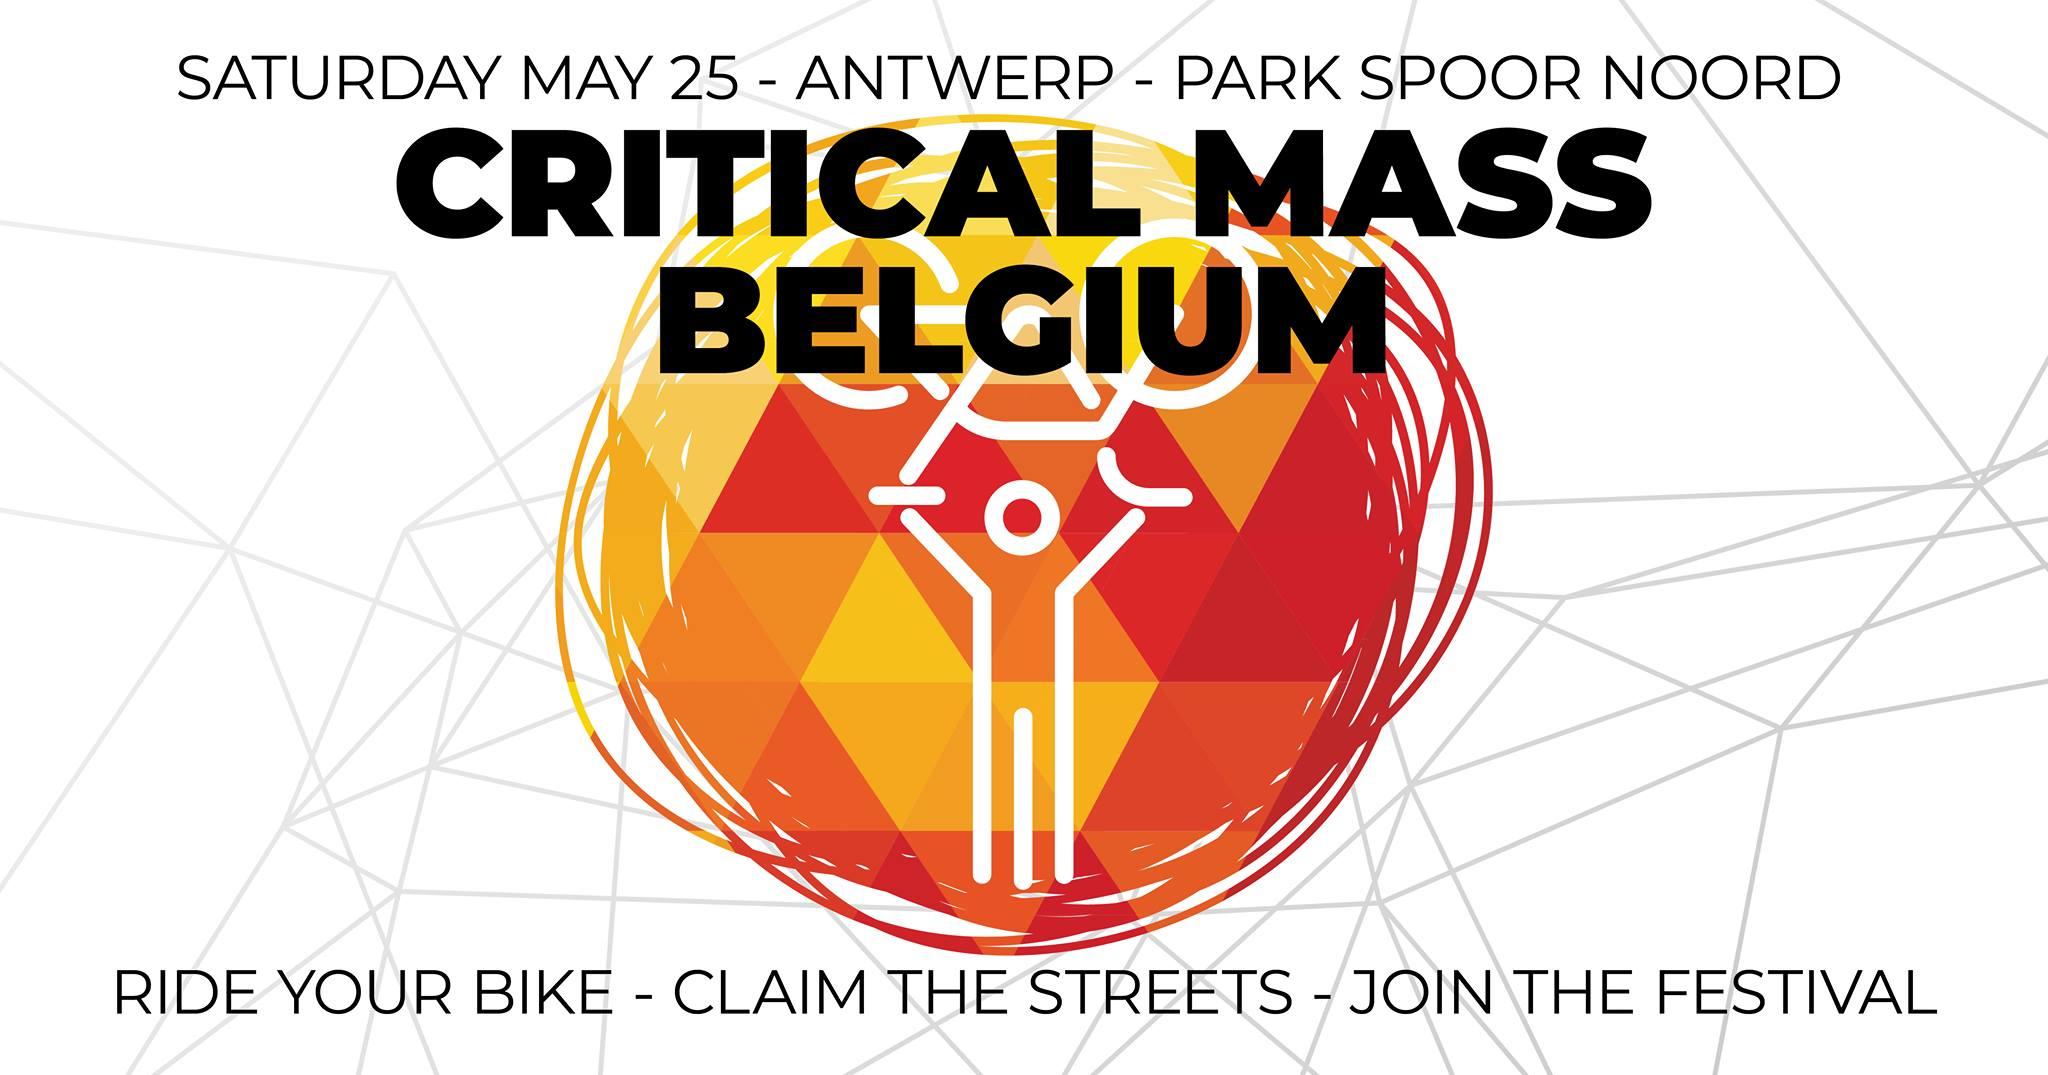 critical mass Belgium.jpg